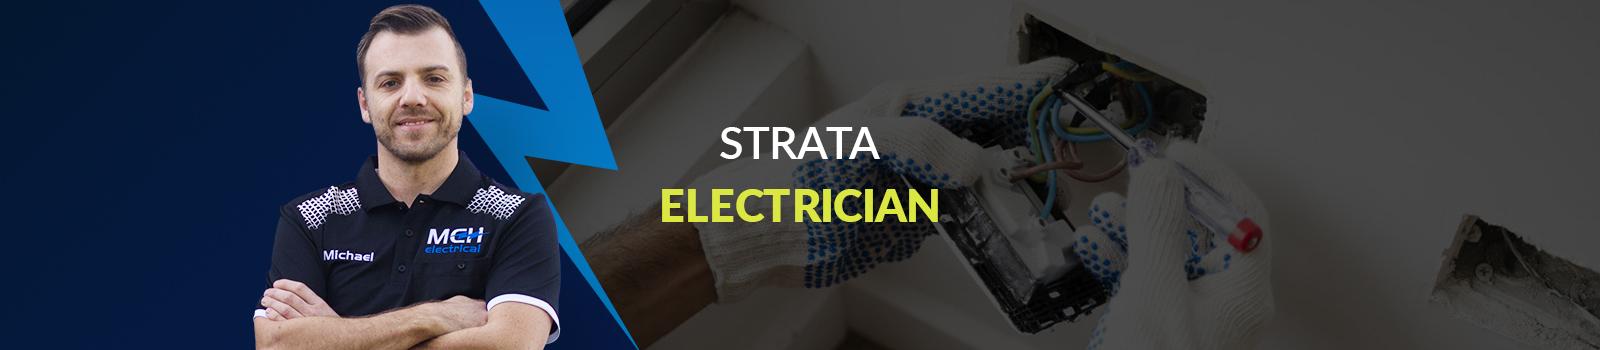 Strata Electrician